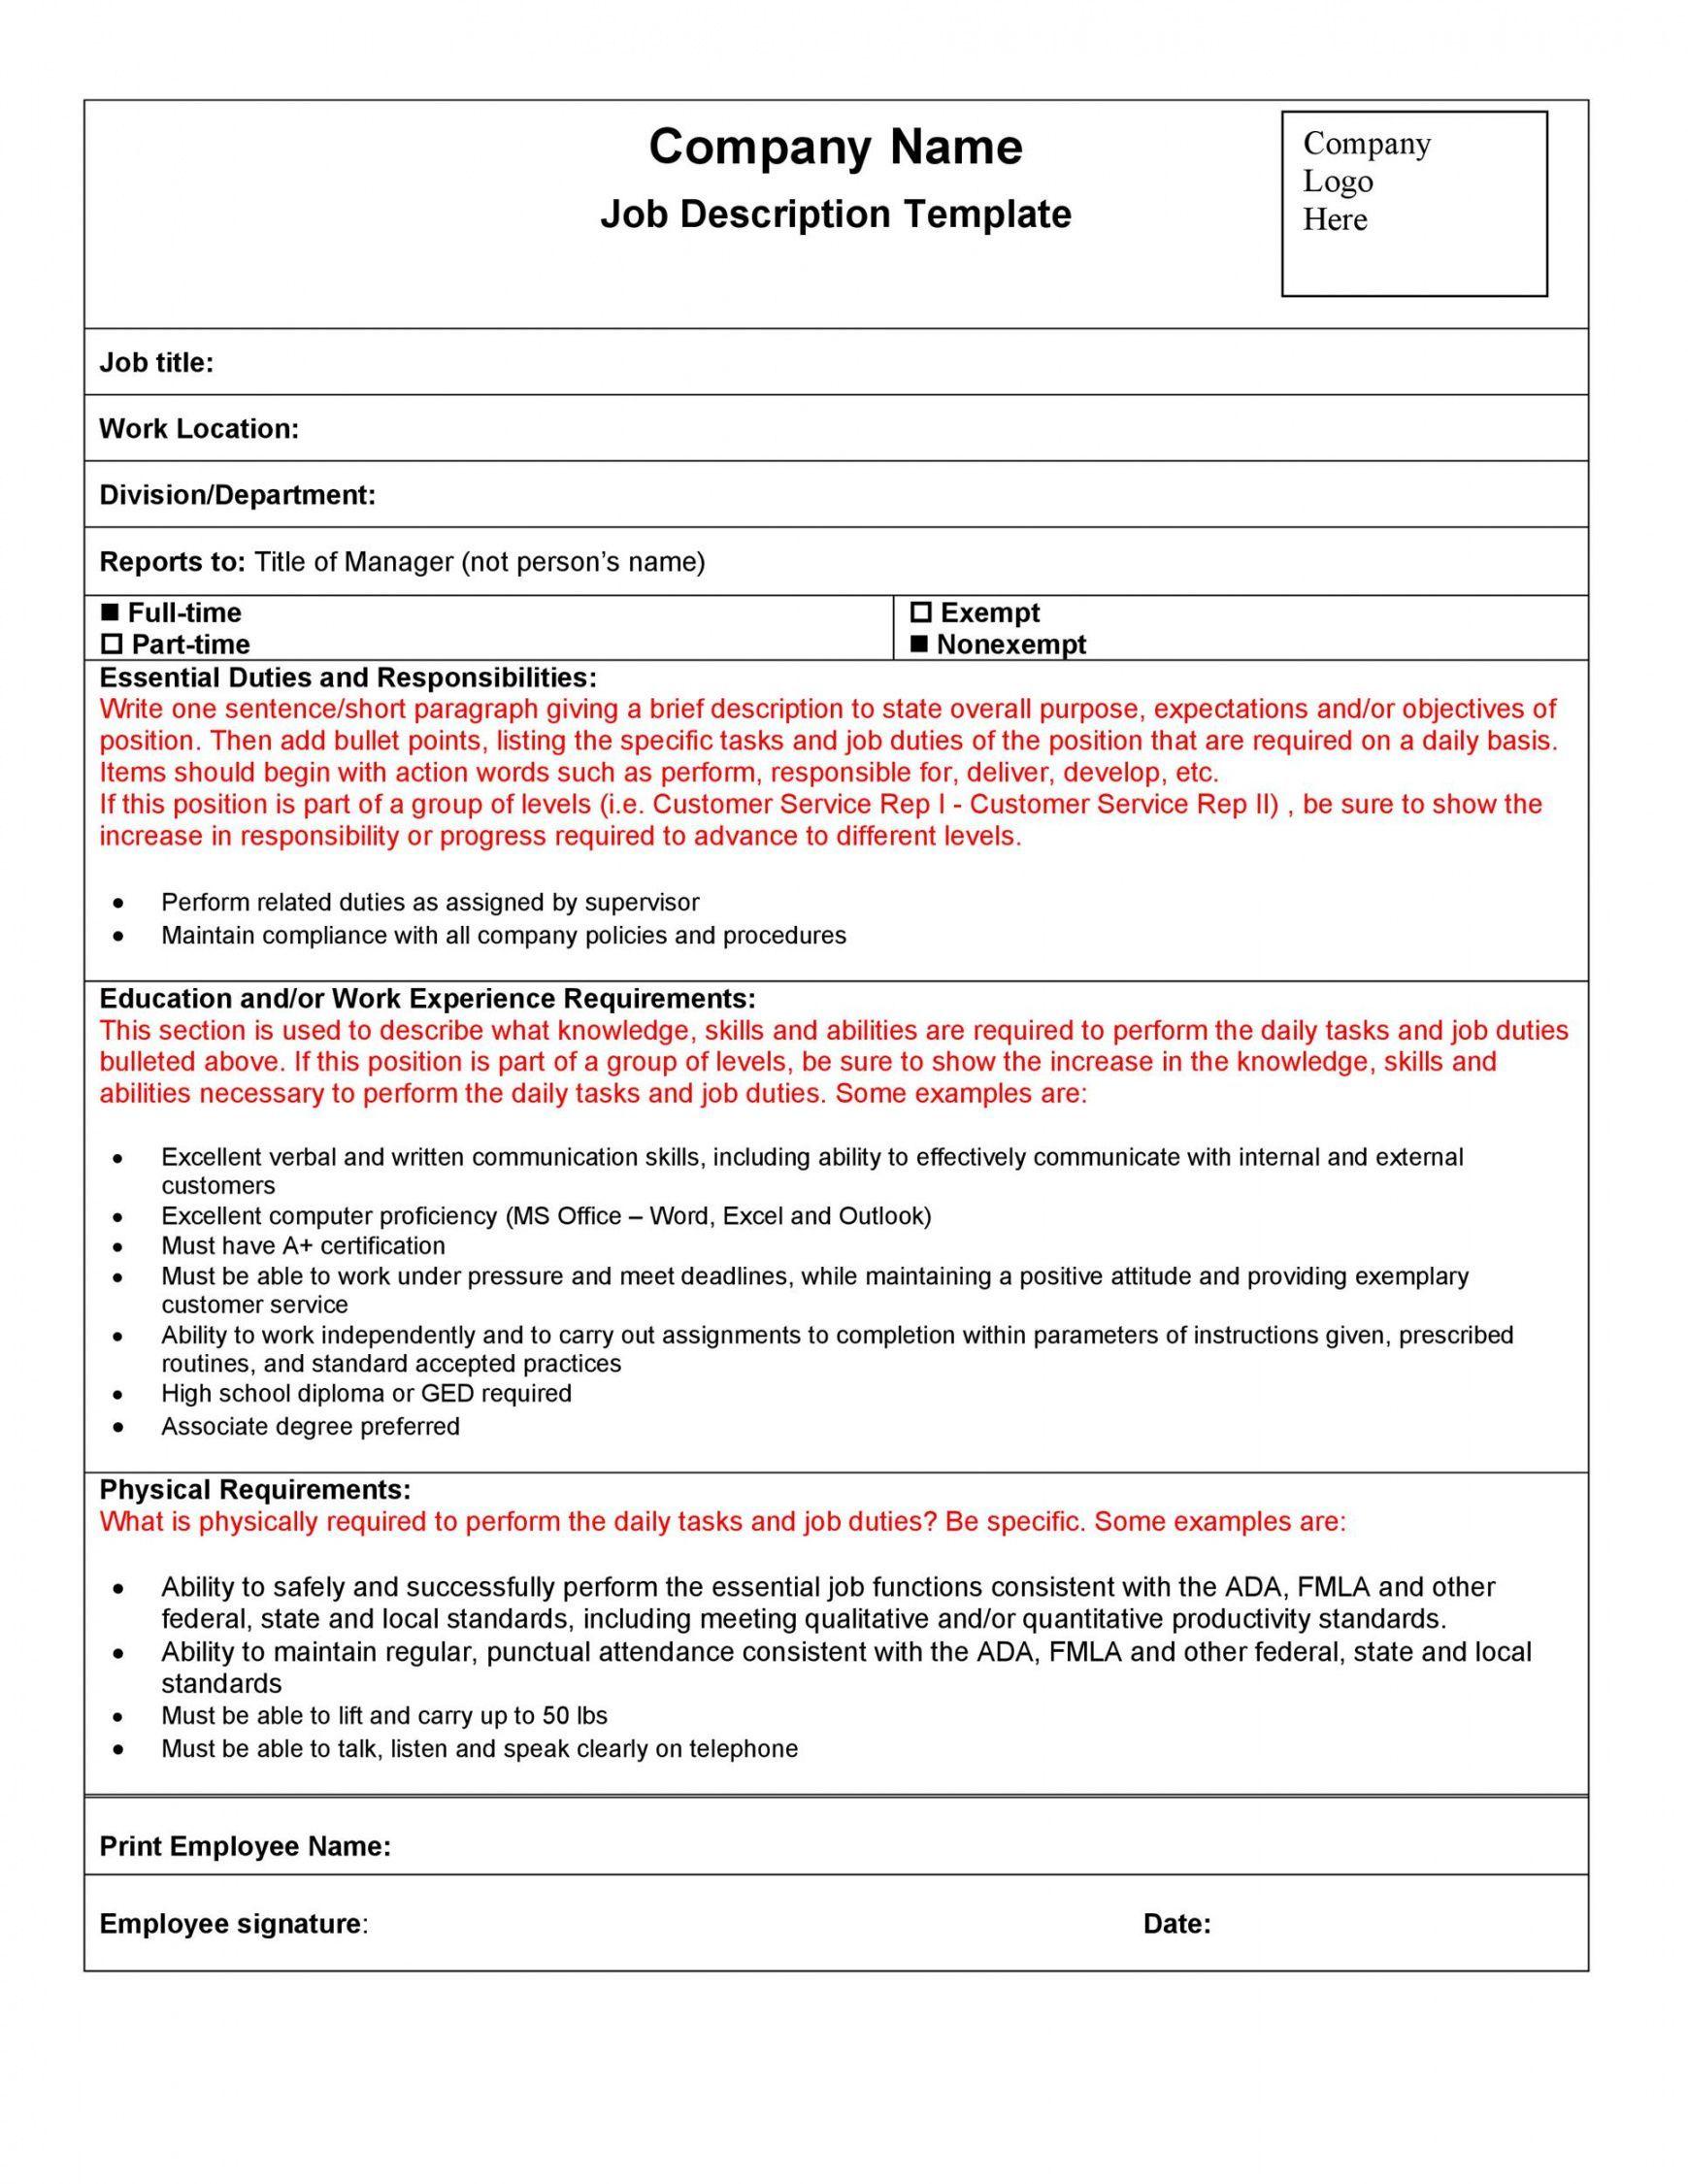 Explore Our Image Of Generic Job Description Template Job Description Template Job Description Word Template